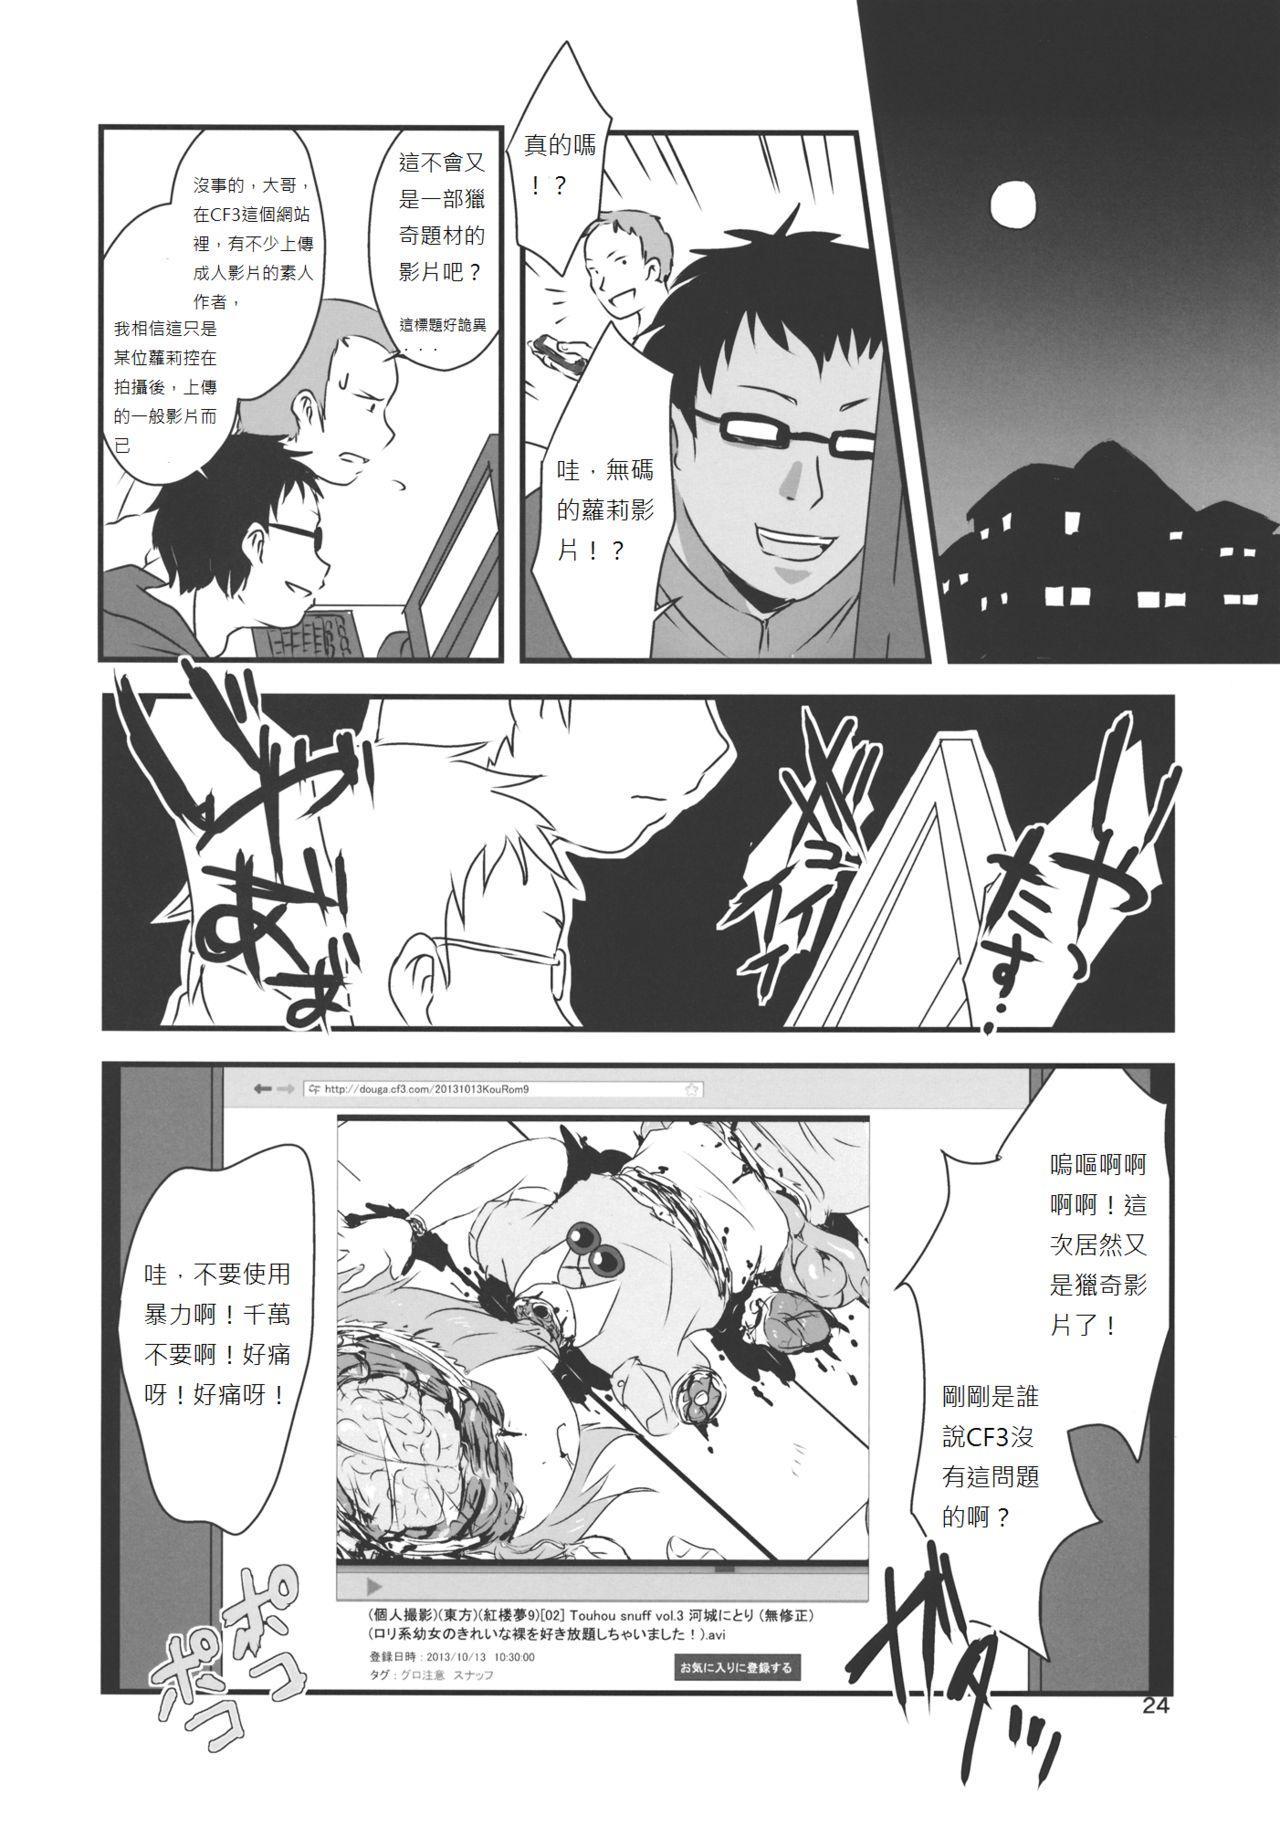 (Kouroumu 9) [02 (Harasaki)] (Kojin Satsuei)(Touhou)(Kouroumu 9)[02] Touhou snuff vol.3 Kawashiro Nitori (Mushuusei) (Loli-kei Youjo no Kirei na Hadaka wo Suki Houdai shichai mashita!).avi (Touhou Project) [Chinese] [布洛基个人汉化] 24